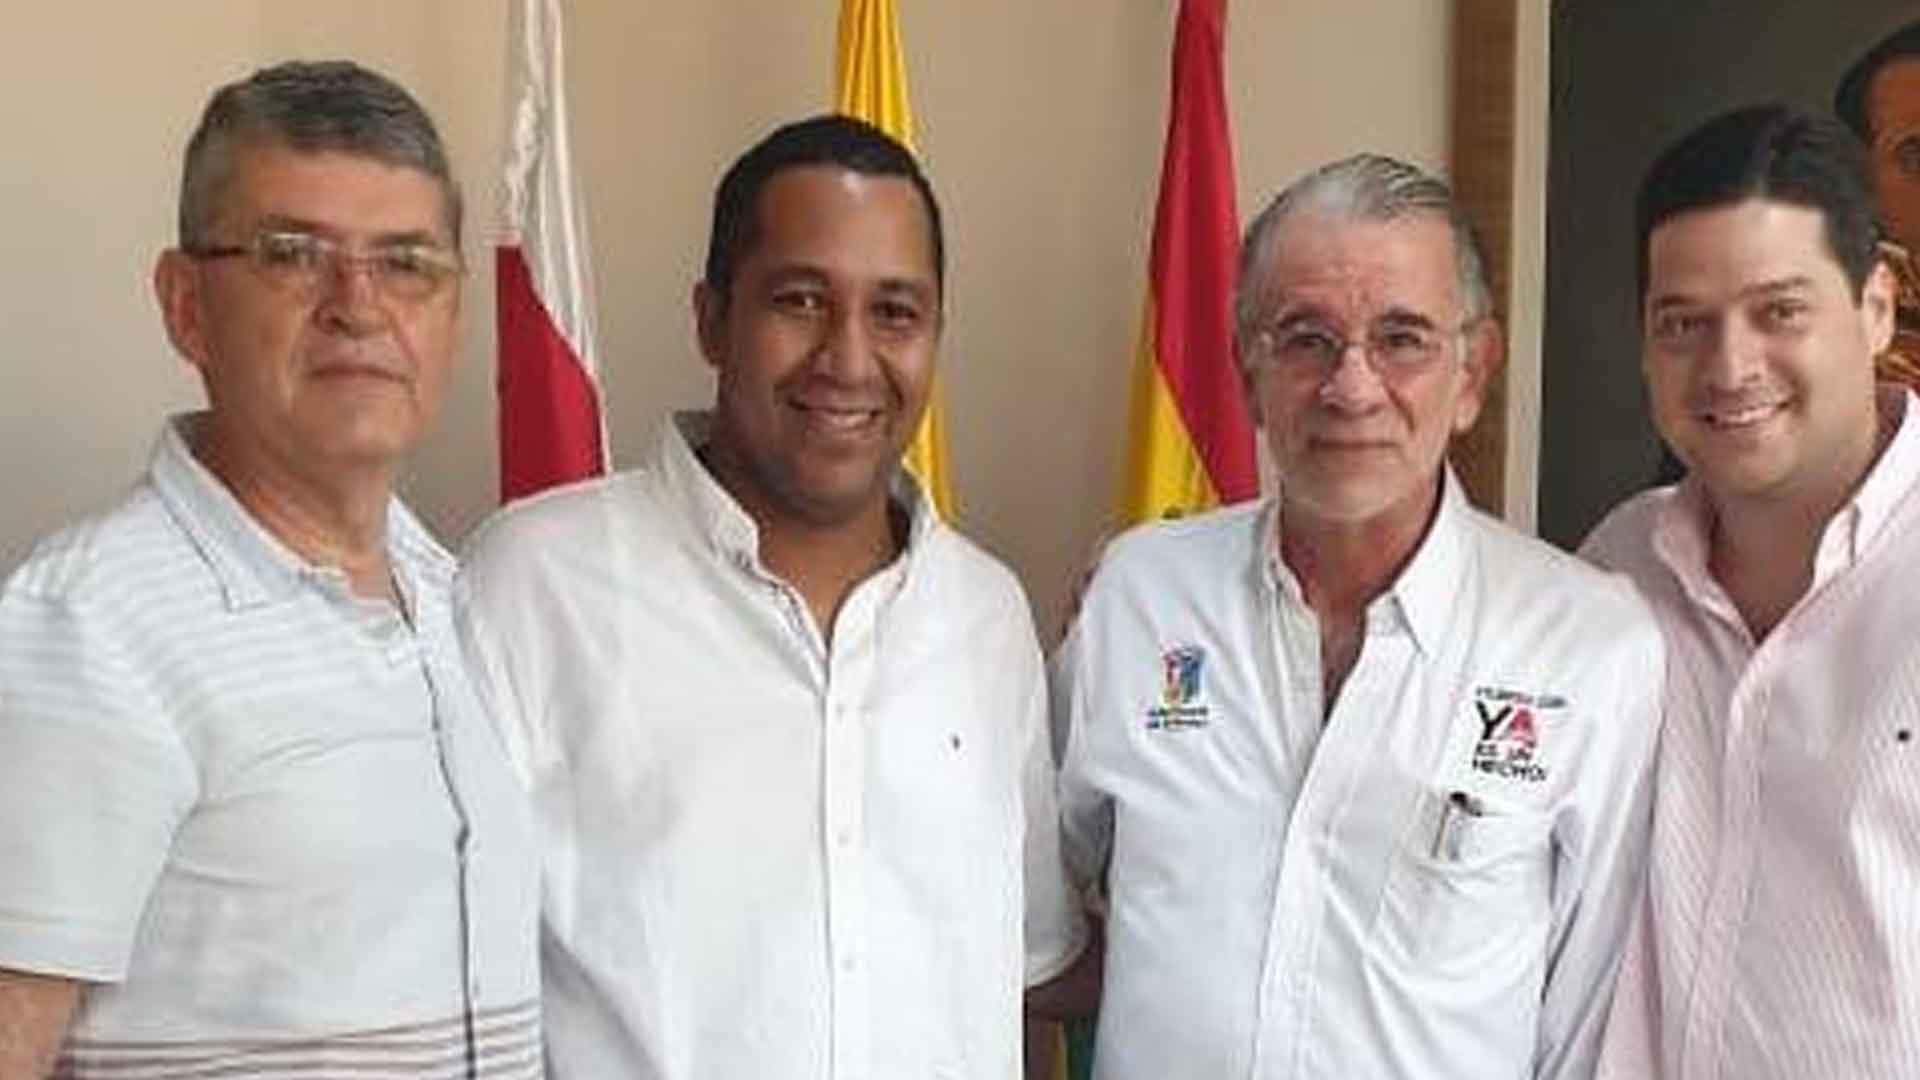 Alcalde electo de Riohacha se reúne con mandatarios y empresarios del Atlántico - El Heraldo (Colombia)